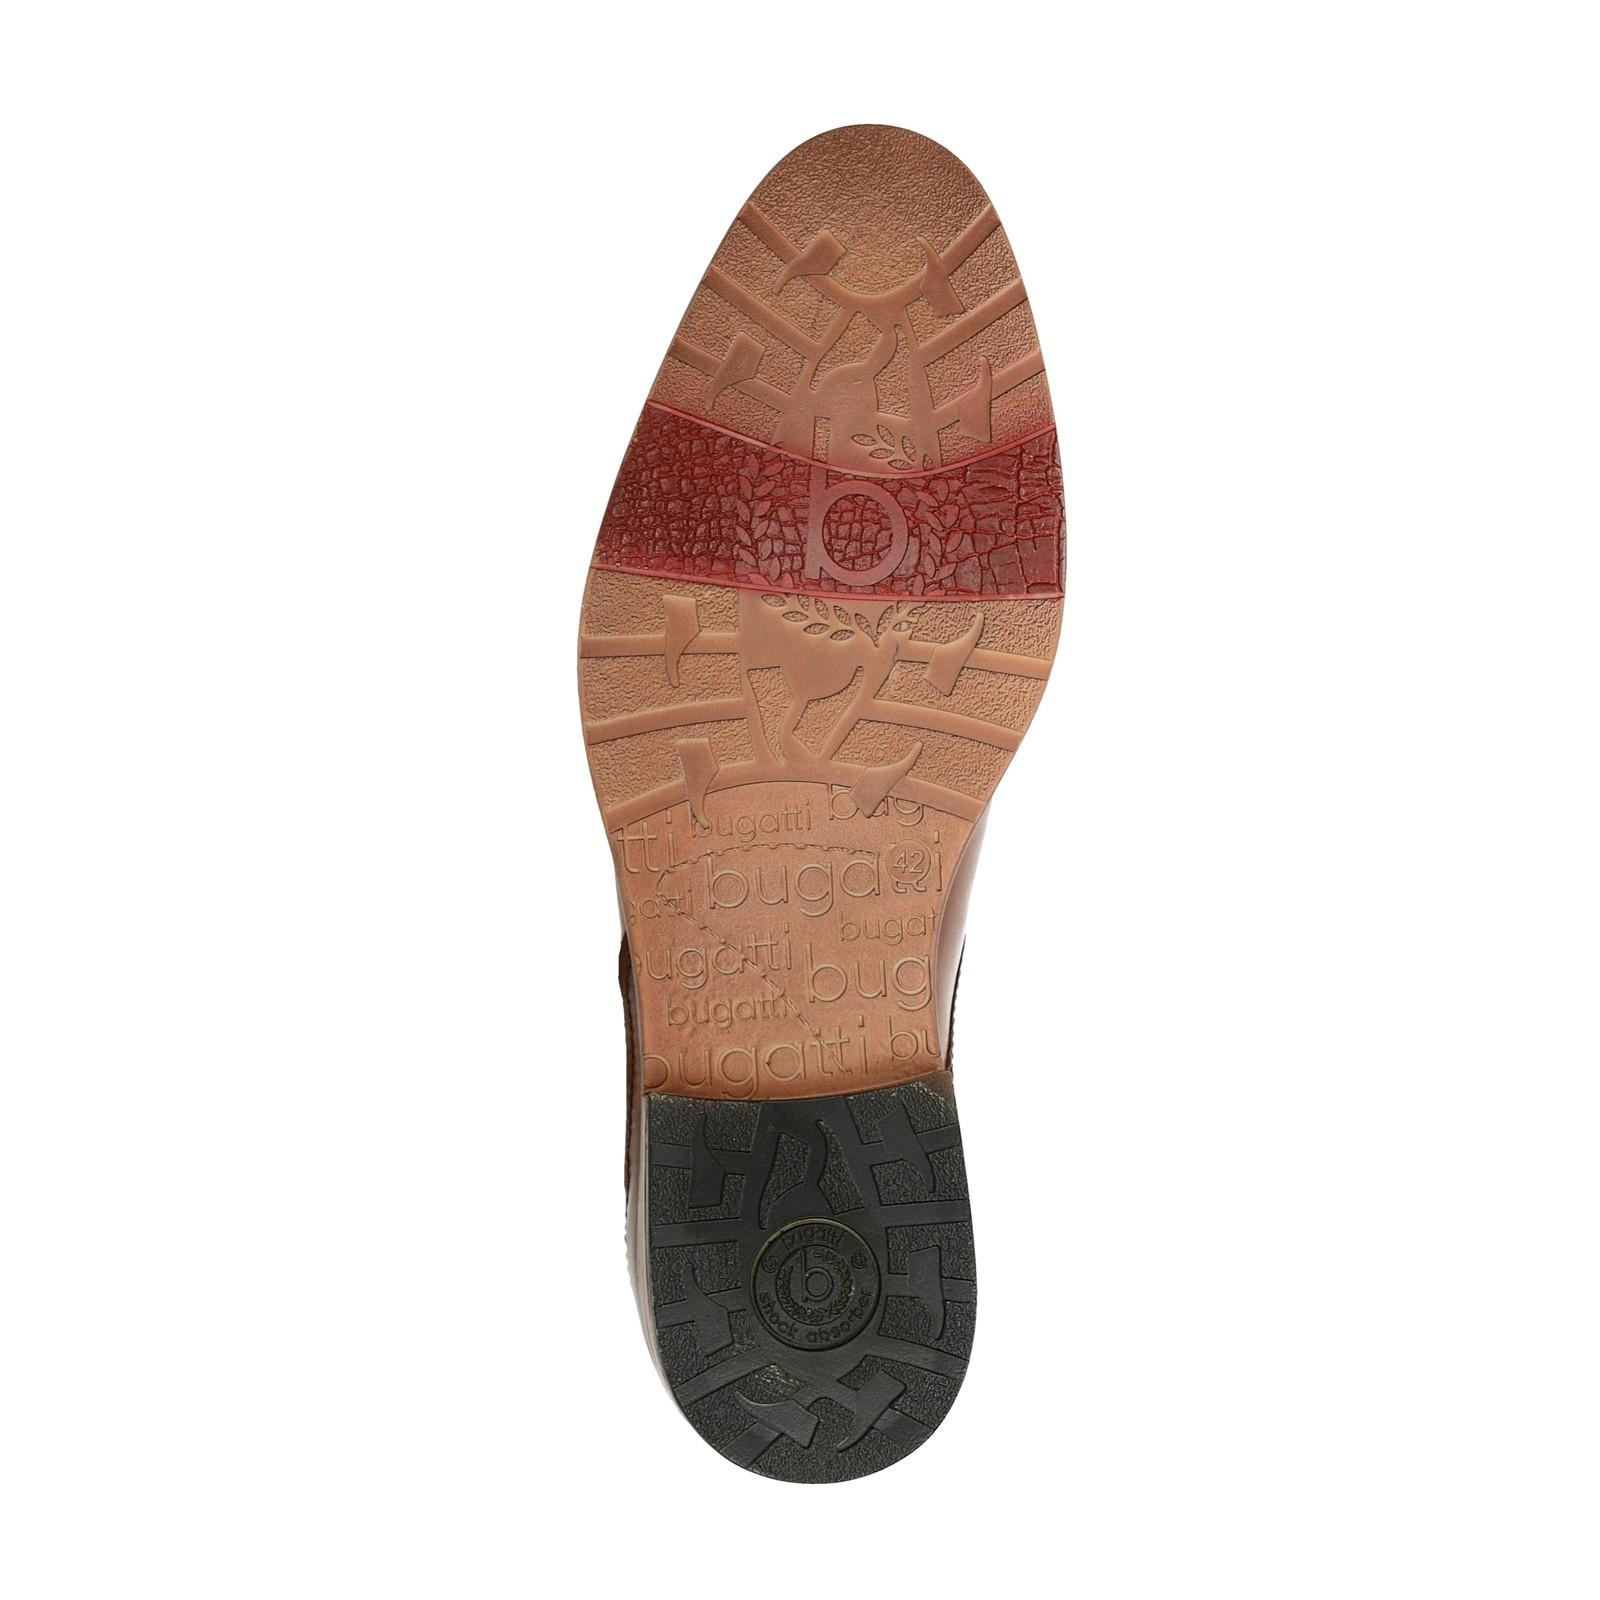 Bugatti pánske kožené spoločenské topánky - koňakové